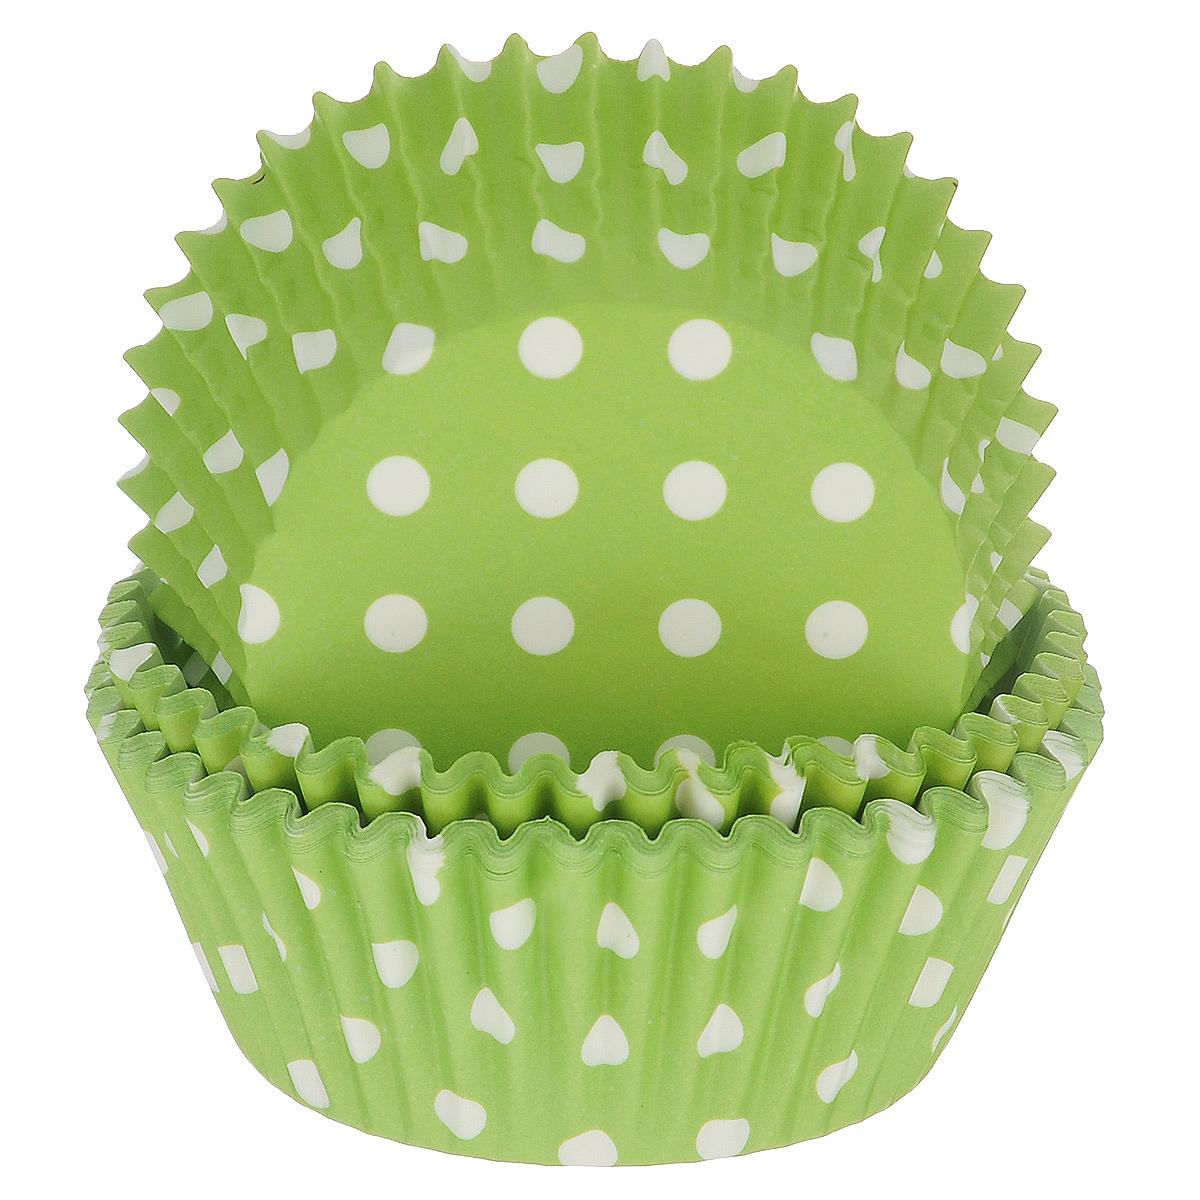 Набор бумажных форм для кексов Dolce Arti Горошек, цвет: зеленый, диаметр 5 см, 50 штDA080207Набор Dolce Arti Горошек состоит из 50 бумажных форм для кексов, оформленных принтом в горох. Они предназначены для выпечки и упаковки кондитерских изделий, также могут использоваться для сервировки орешков, конфет и много другого. Для одноразового применения. Гофрированные бумажные формы идеальны для выпечки кексов, булочек и пирожных.Высота стенки: 3 см. Диаметр (по верхнему краю): 7 см.Диаметр дна: 5 см.